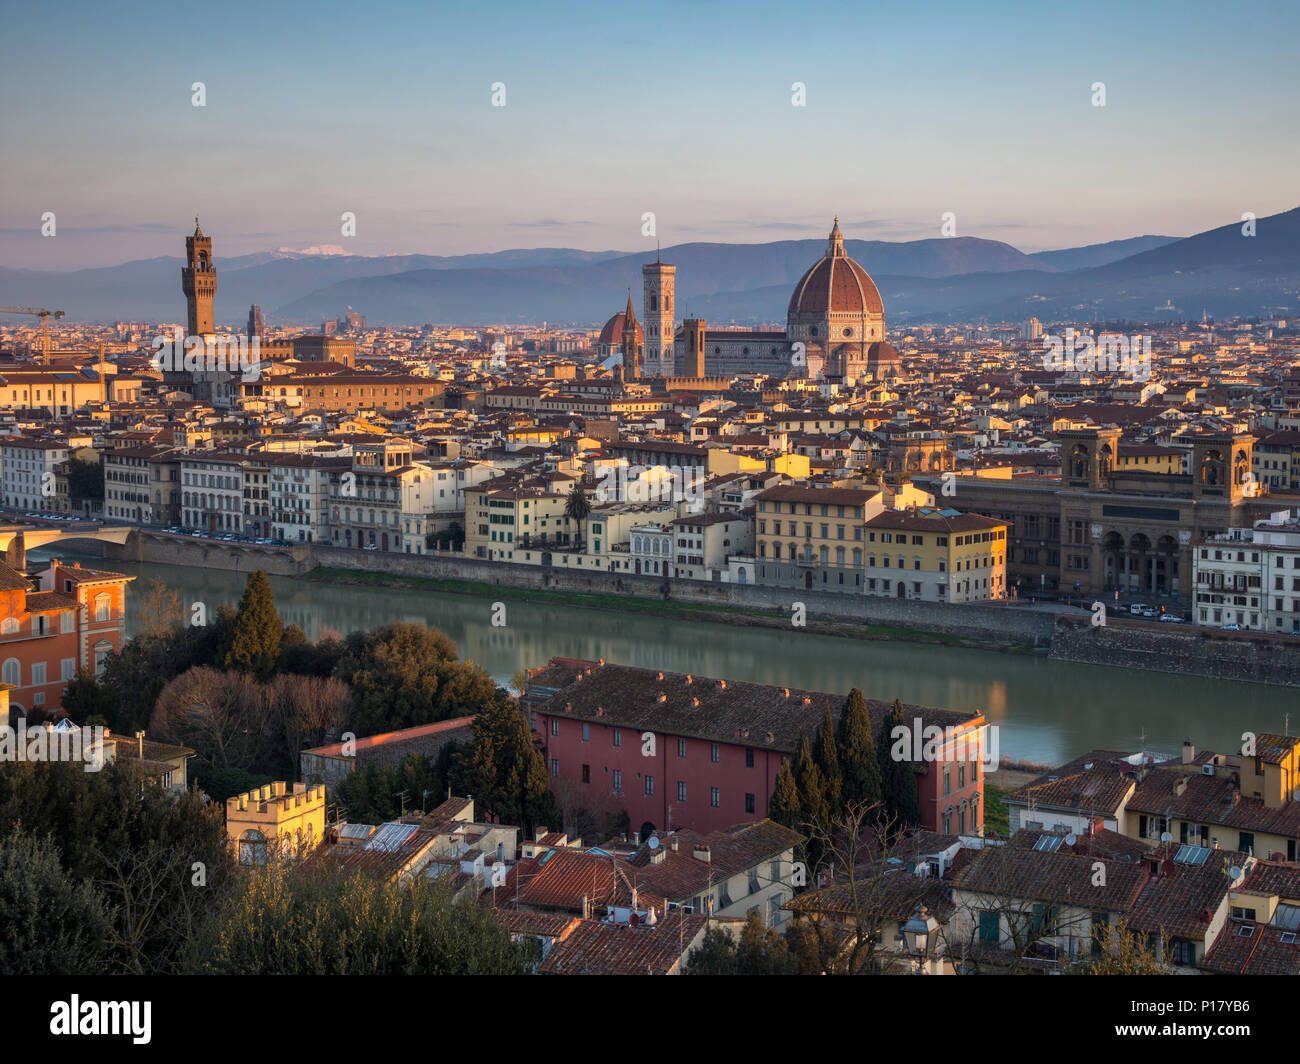 Firenze, Italia - 24 Marzo 2018: mattina la luce illumina il paesaggio urbano di Firenze, compresi i monumenti storici di Palazzo Vecchio e il Duo Immagini Stock